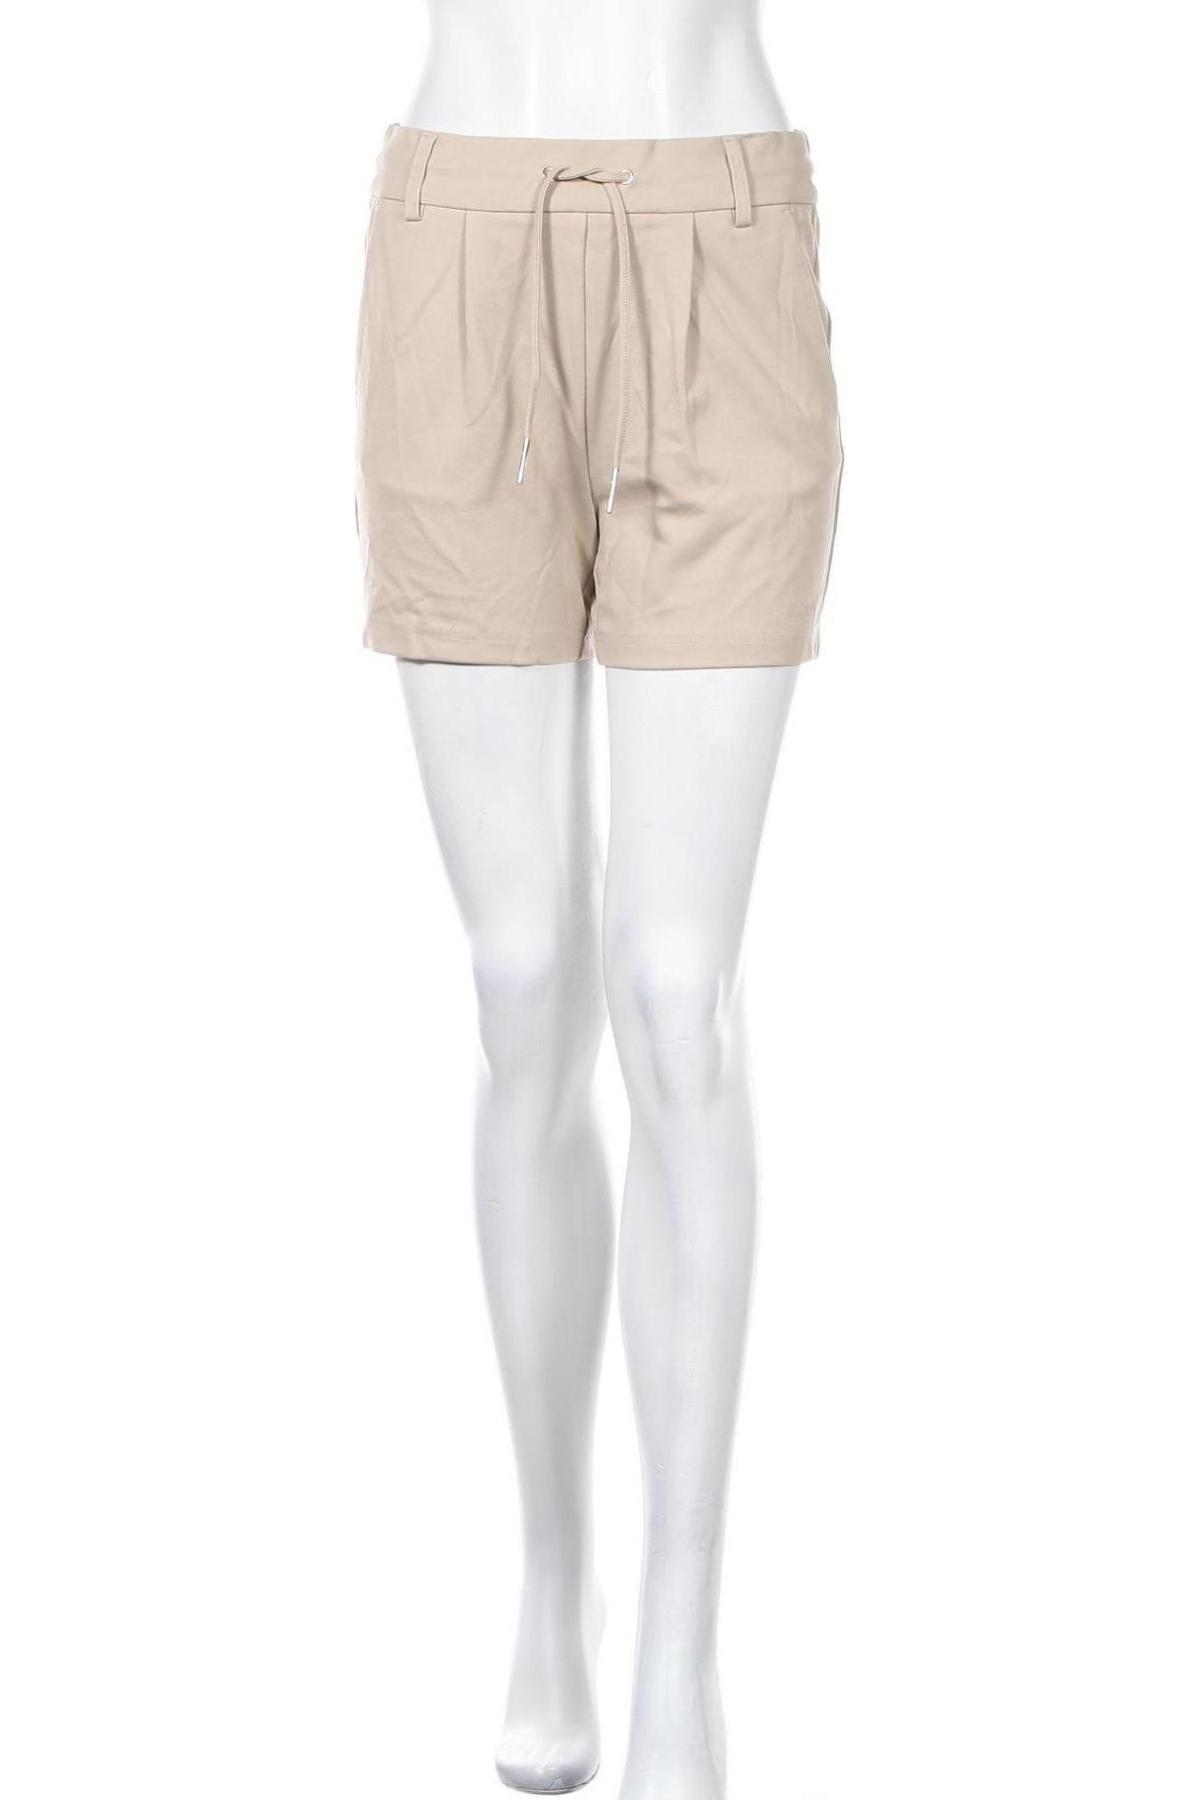 Γυναικείο κοντό παντελόνι ONLY, Μέγεθος S, Χρώμα  Μπέζ, 63% βισκόζη, 32% πολυαμίδη, 5% ελαστάνη, Τιμή 14,65€